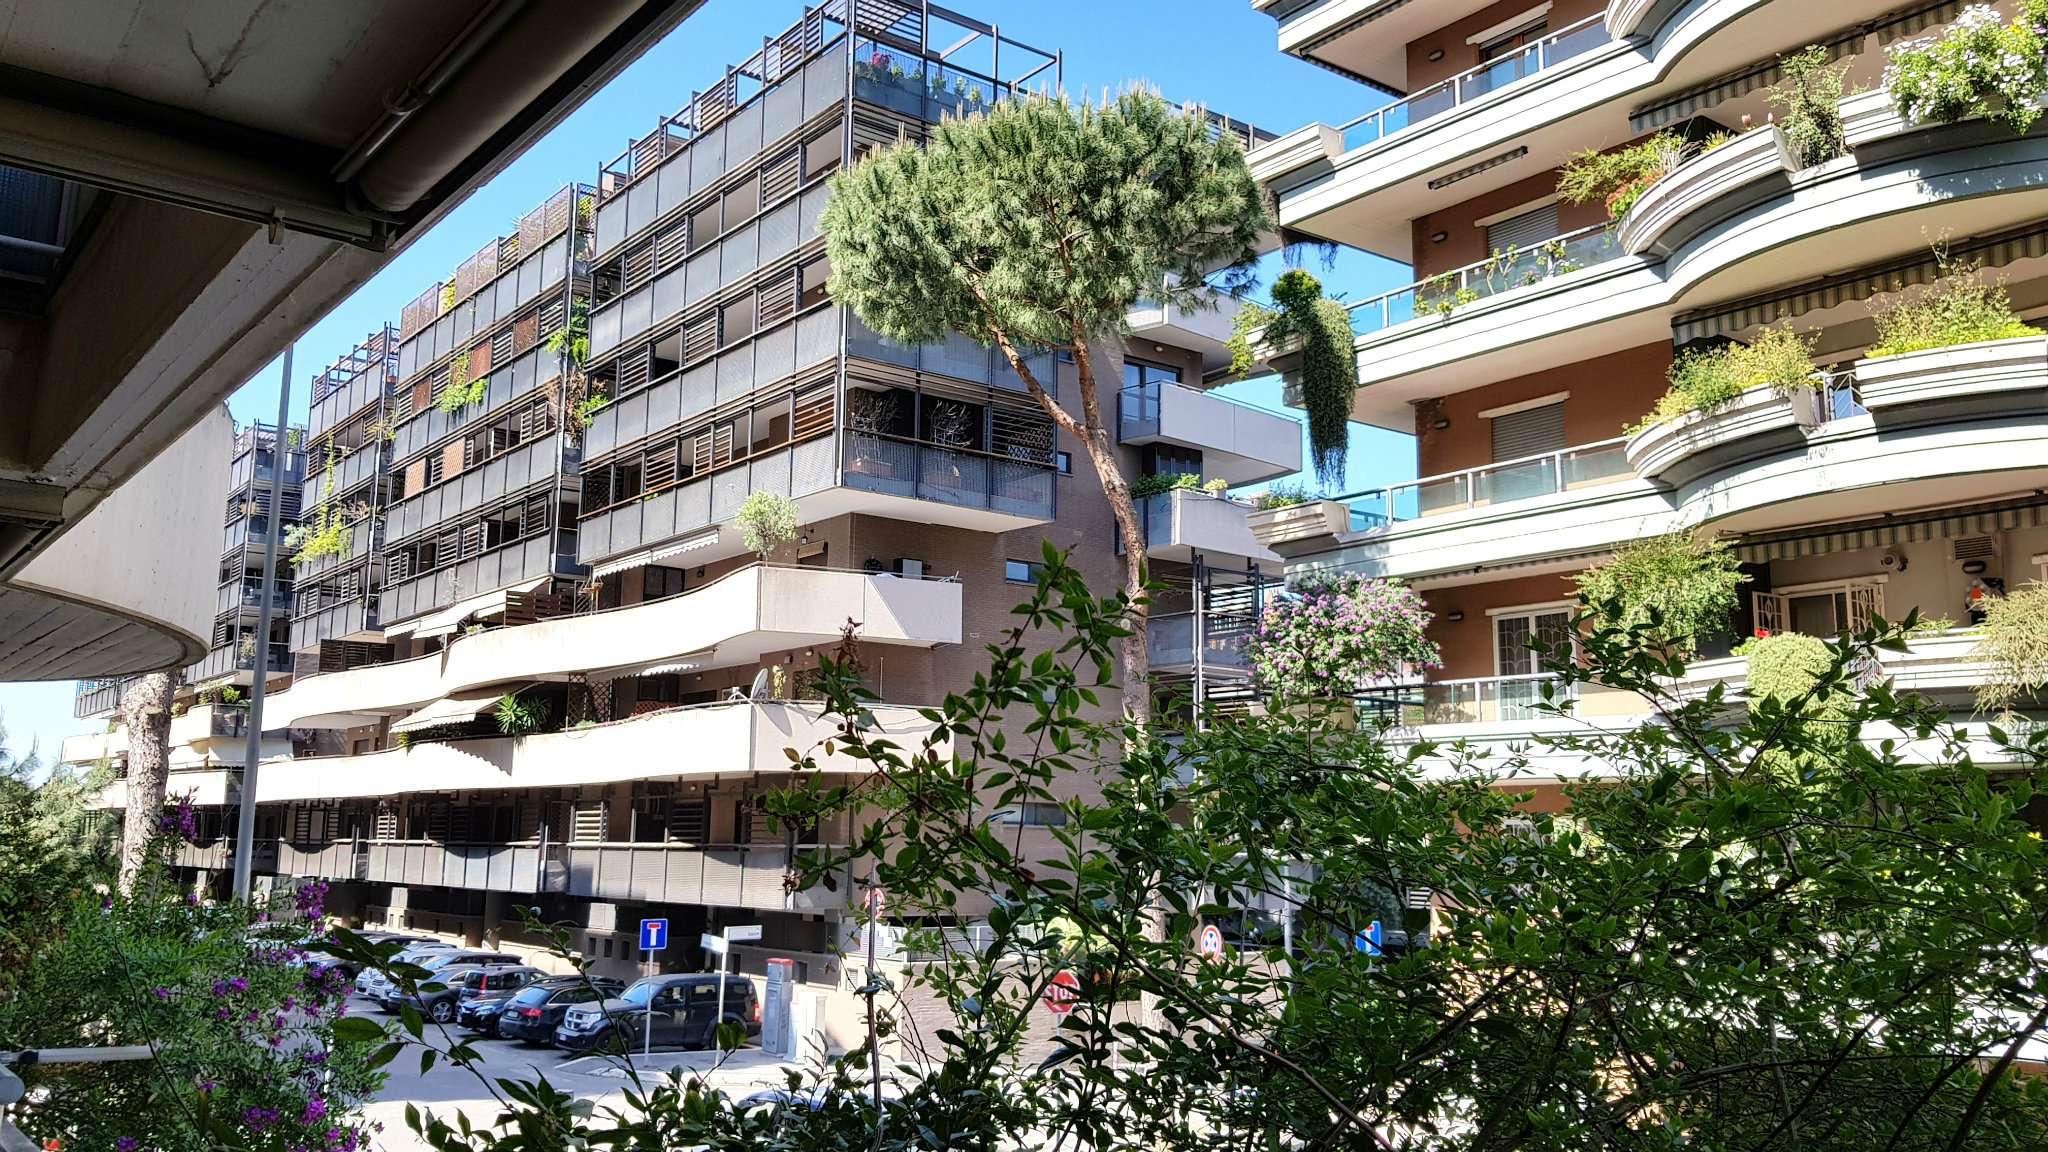 Foto 13 di Trilocale via Copenaghen 9, Roma (zona Eur - Torrino)